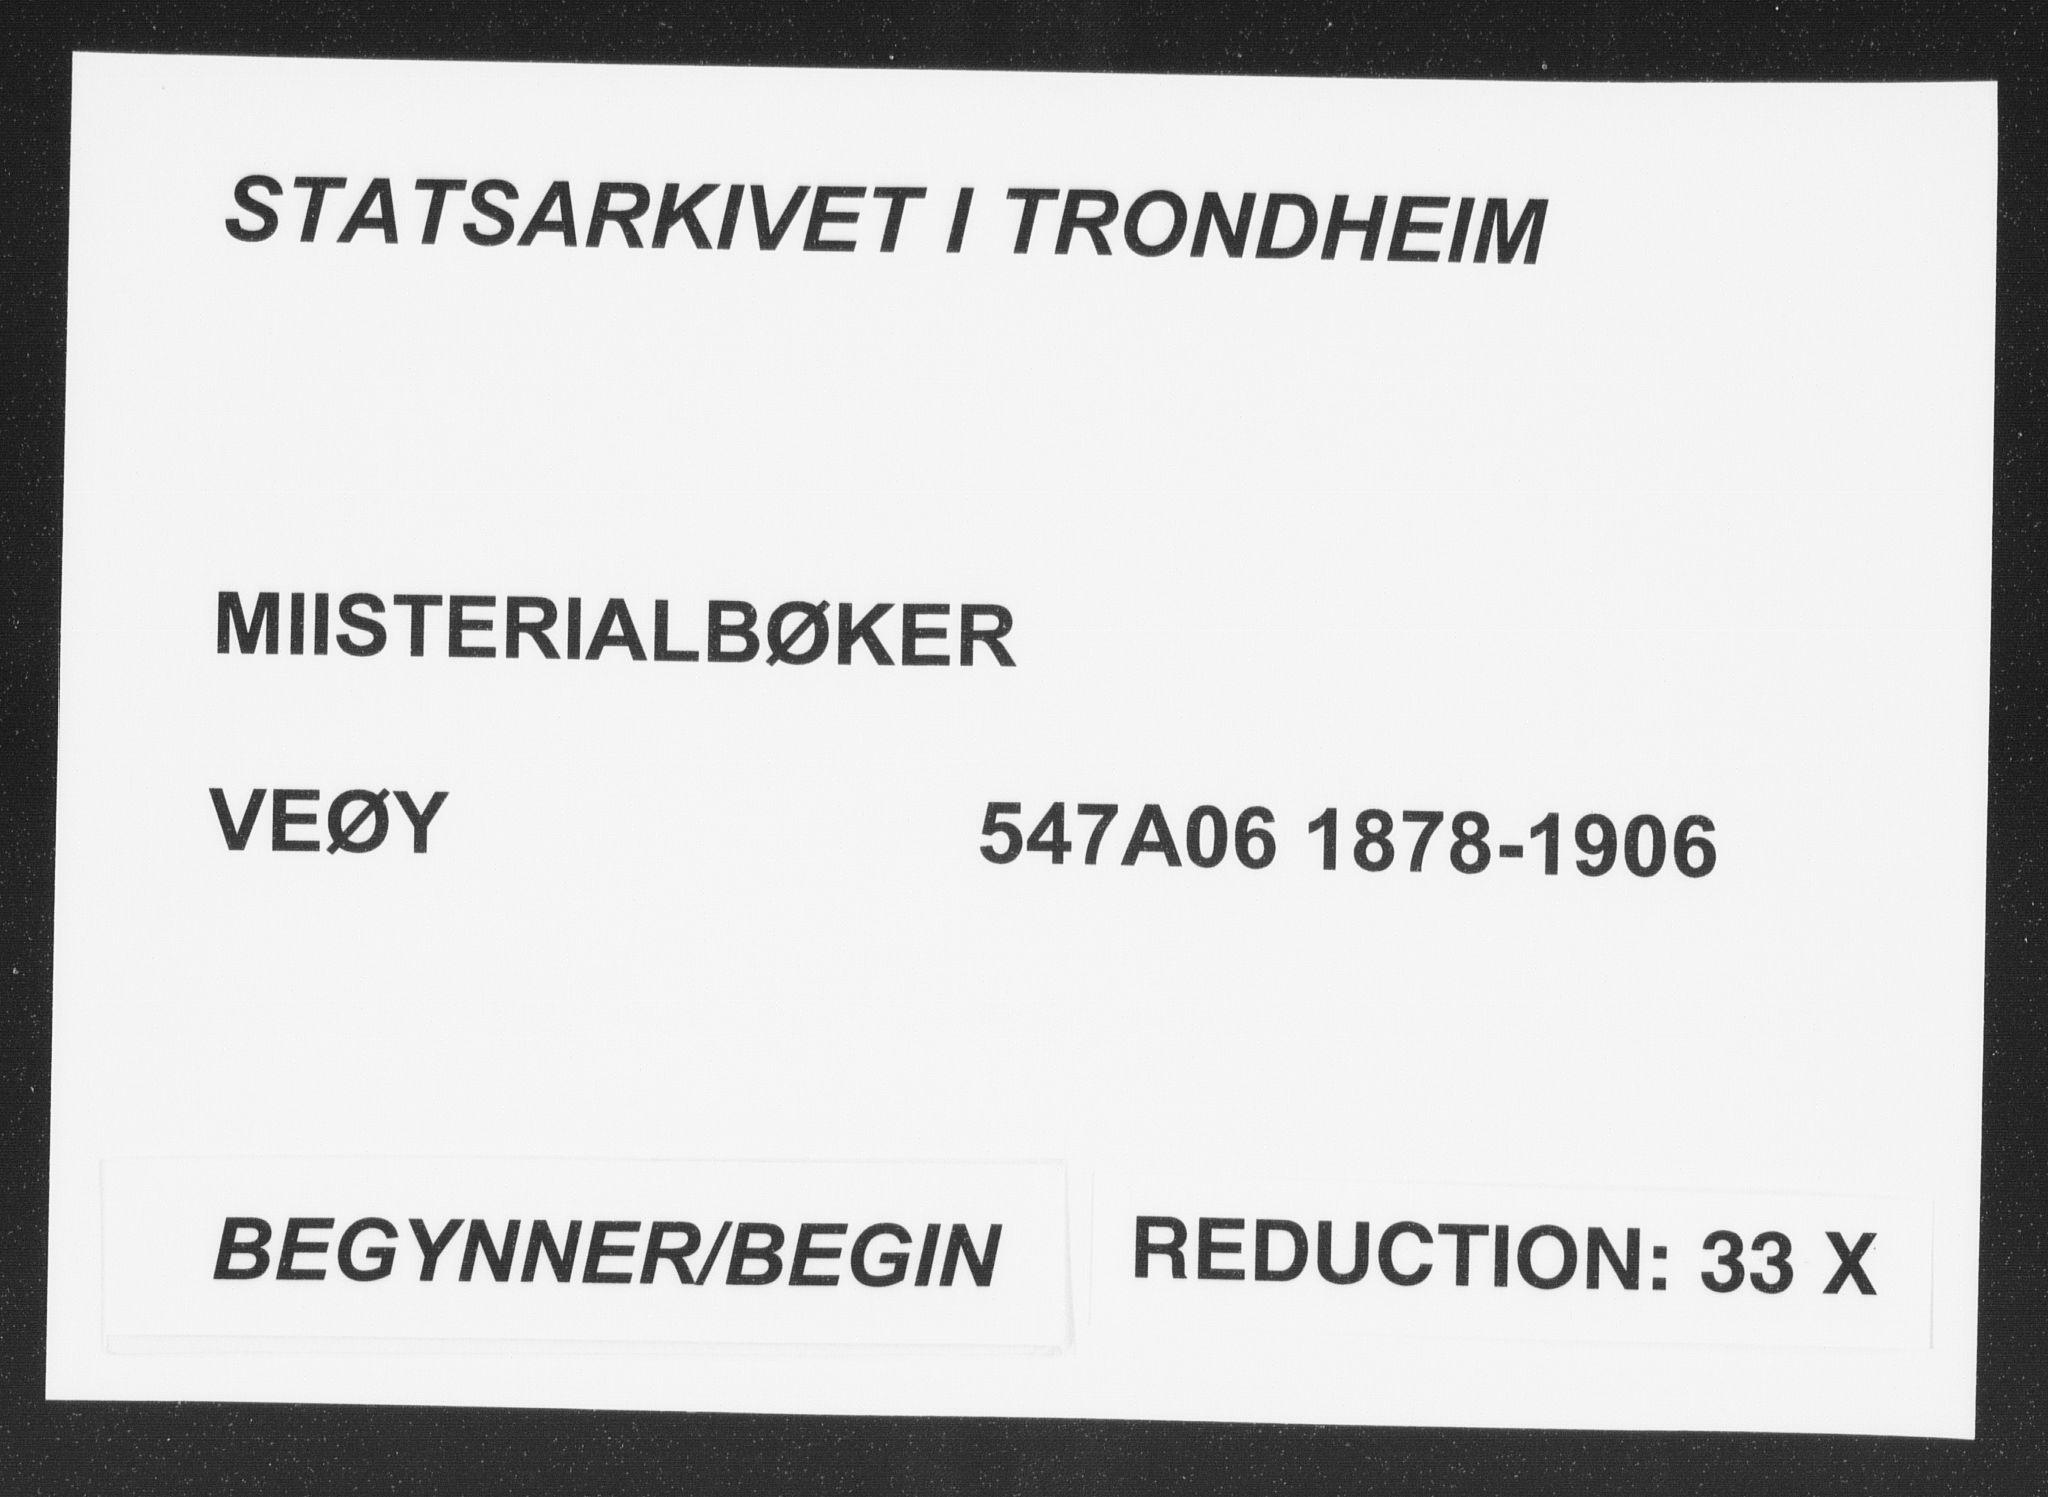 SAT, Ministerialprotokoller, klokkerbøker og fødselsregistre - Møre og Romsdal, 547/L0604: Ministerialbok nr. 547A06, 1878-1906